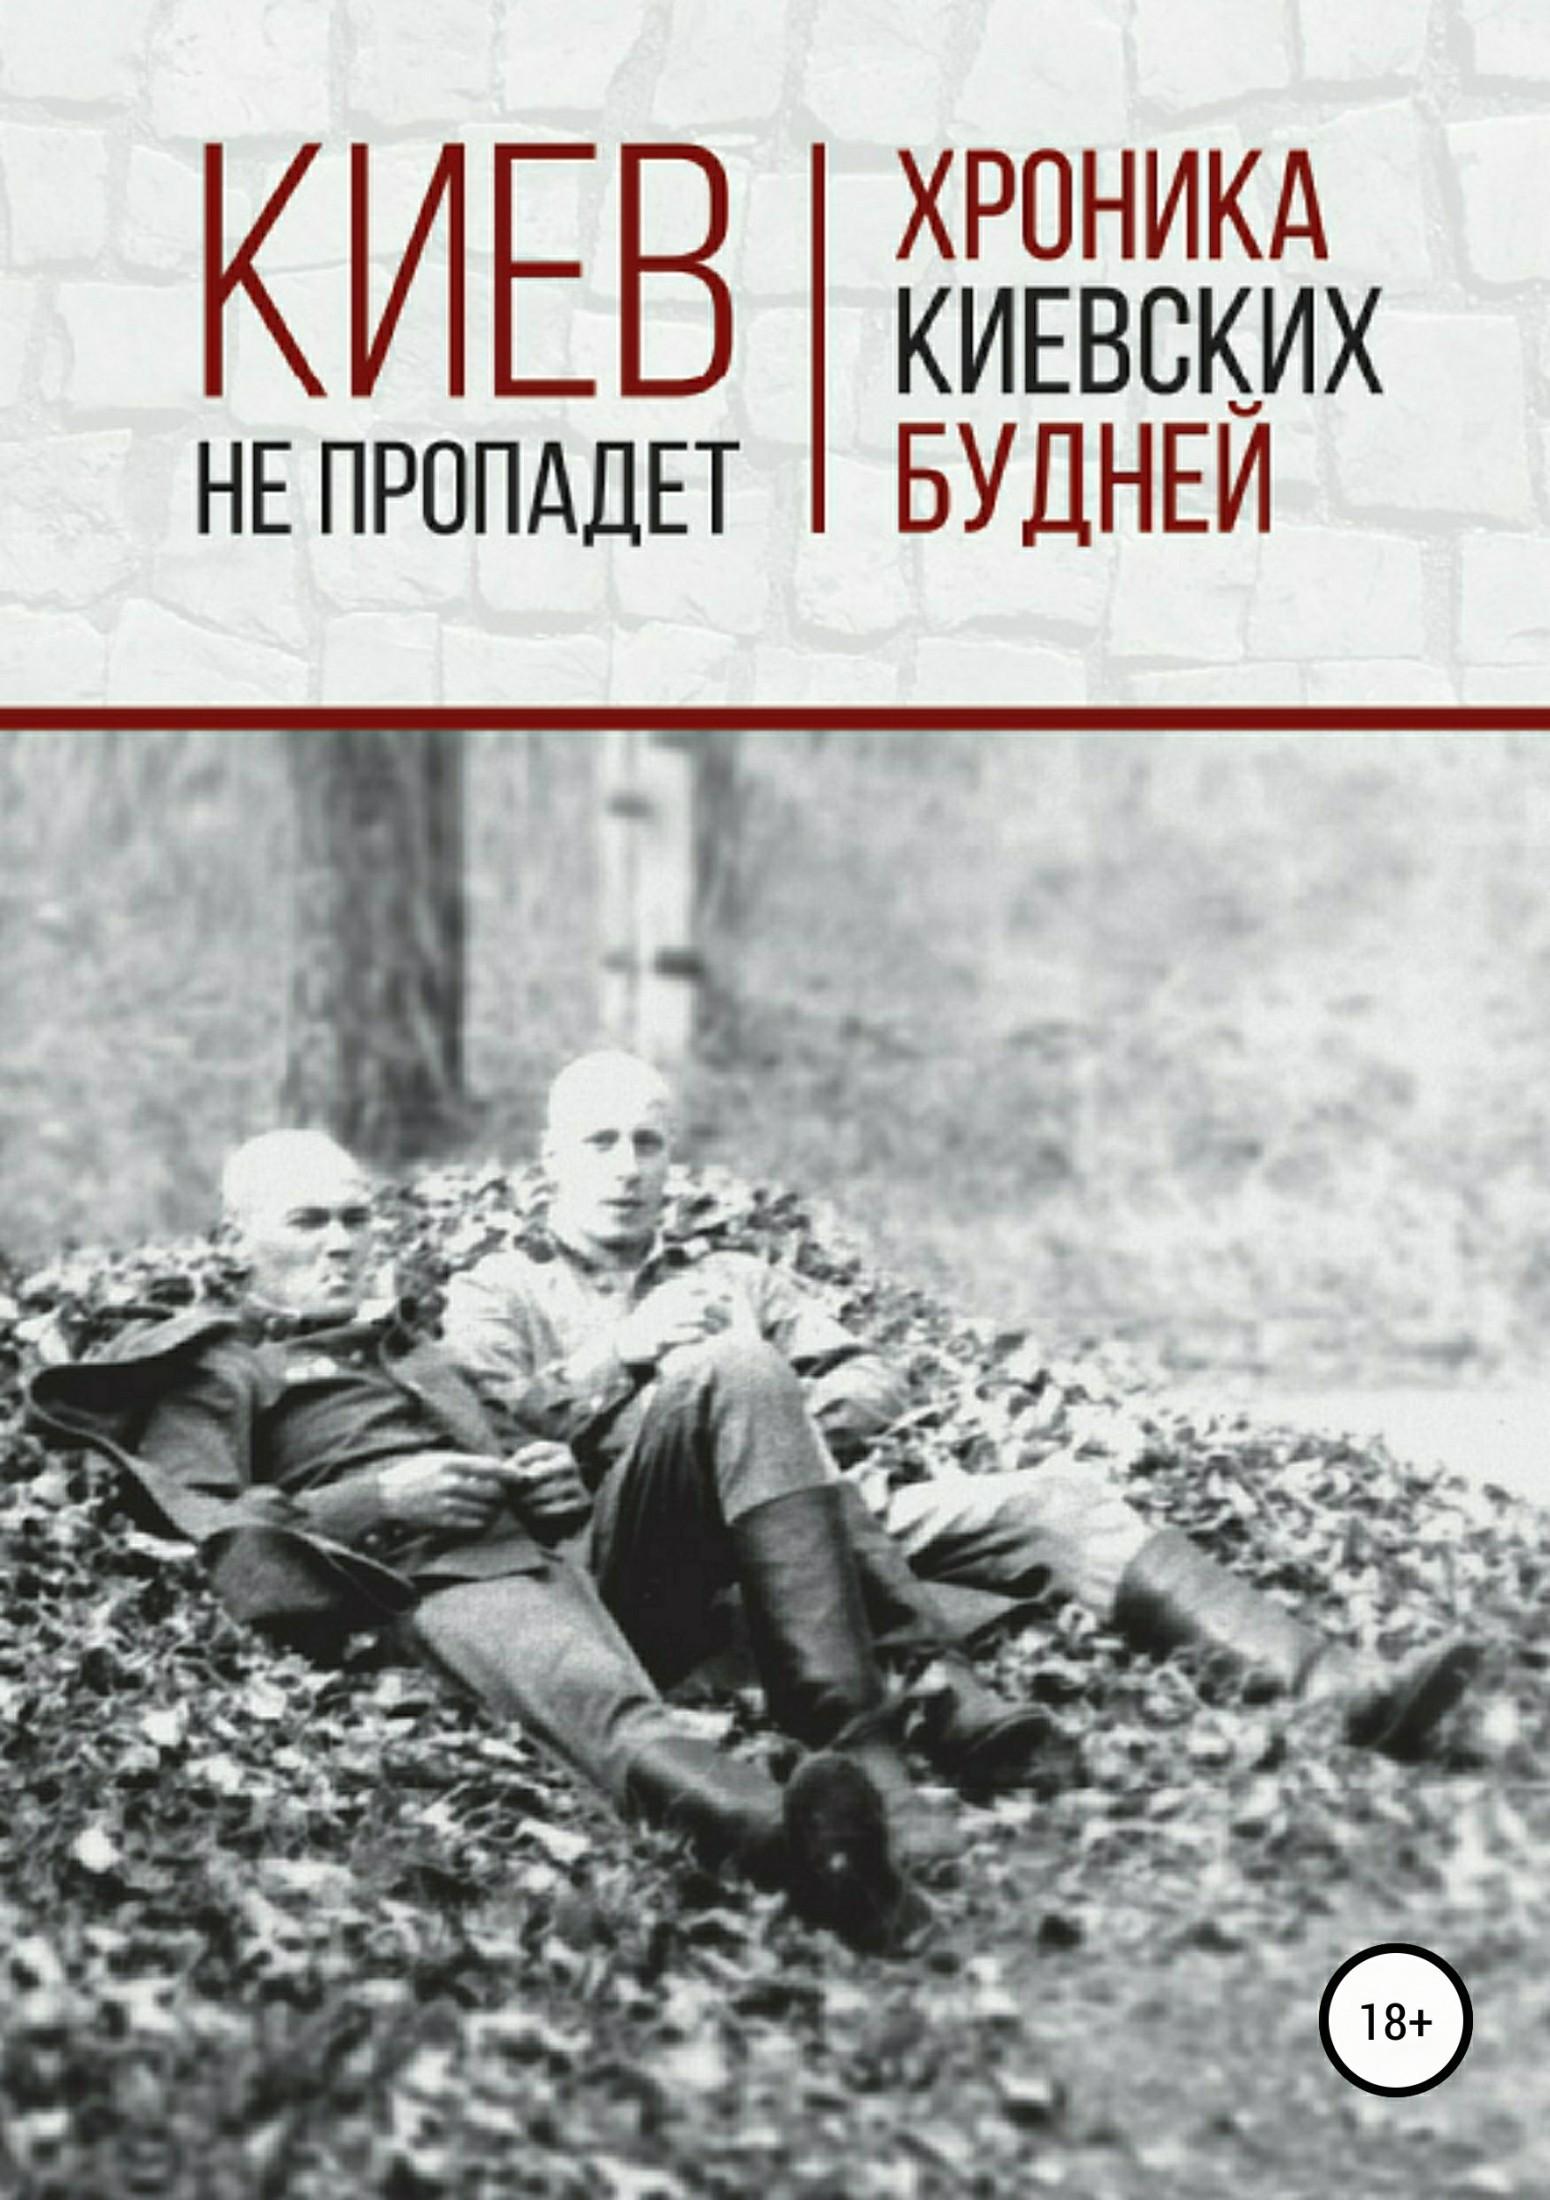 Сергей Олегоич Страхо Кие не пропадет. Хроника киеских будней